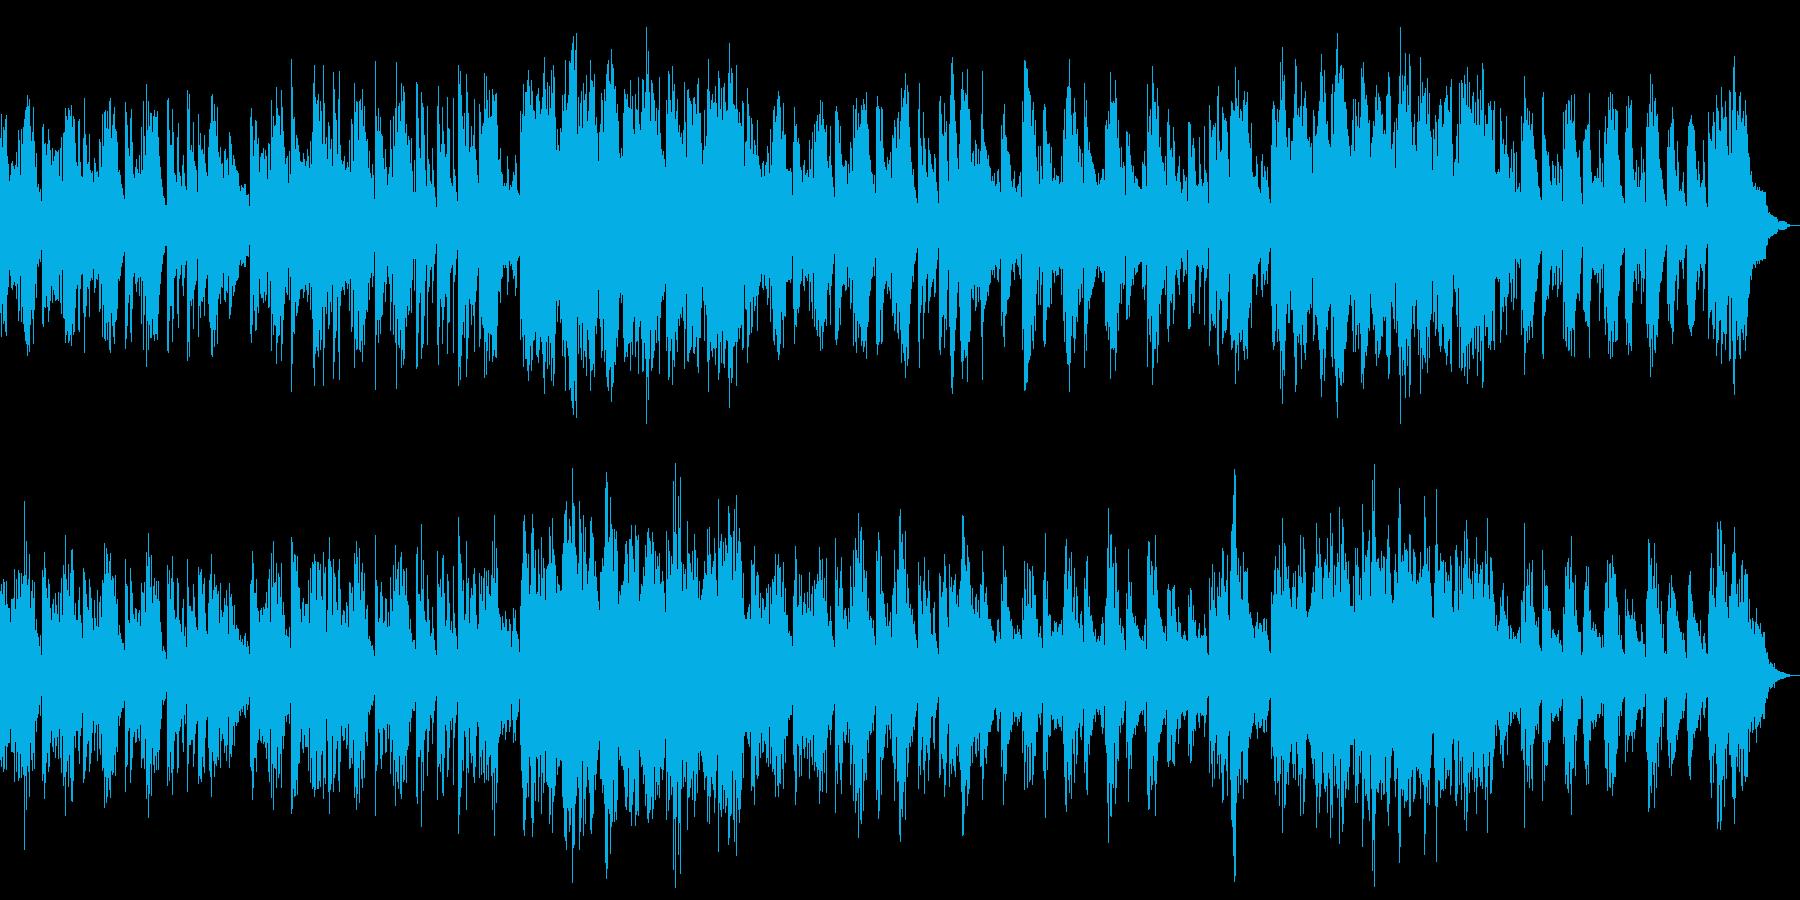 静かで冷たい電子音が響くバラードの再生済みの波形